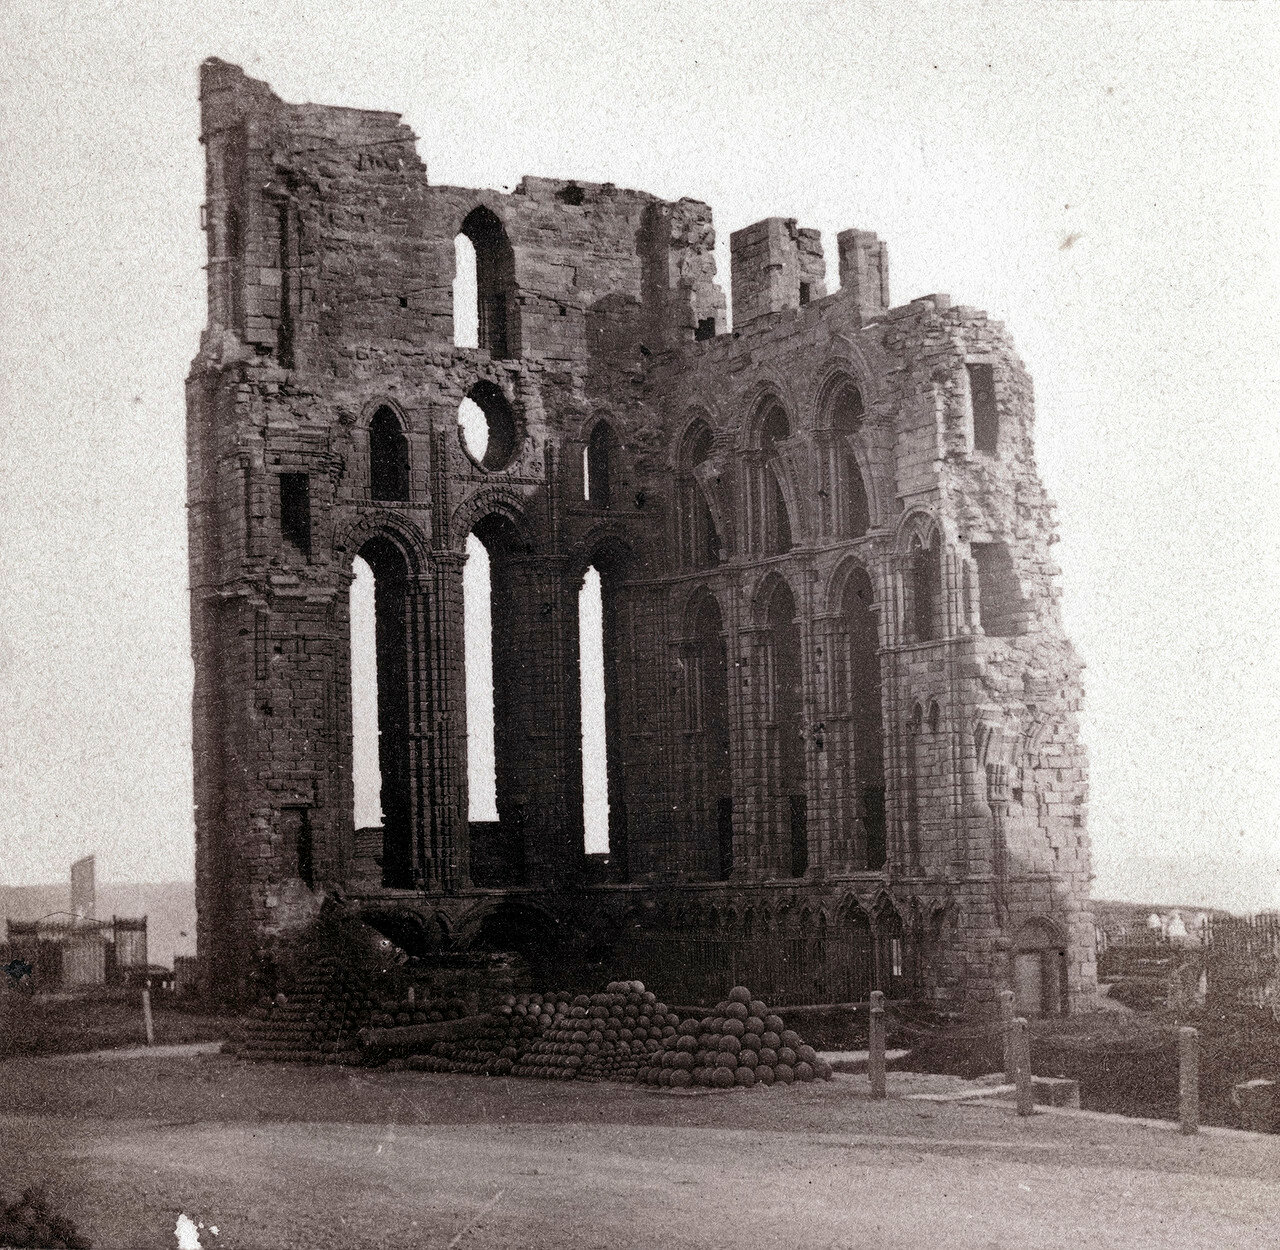 Приорат Тайнмаут. Великобритания, 1864